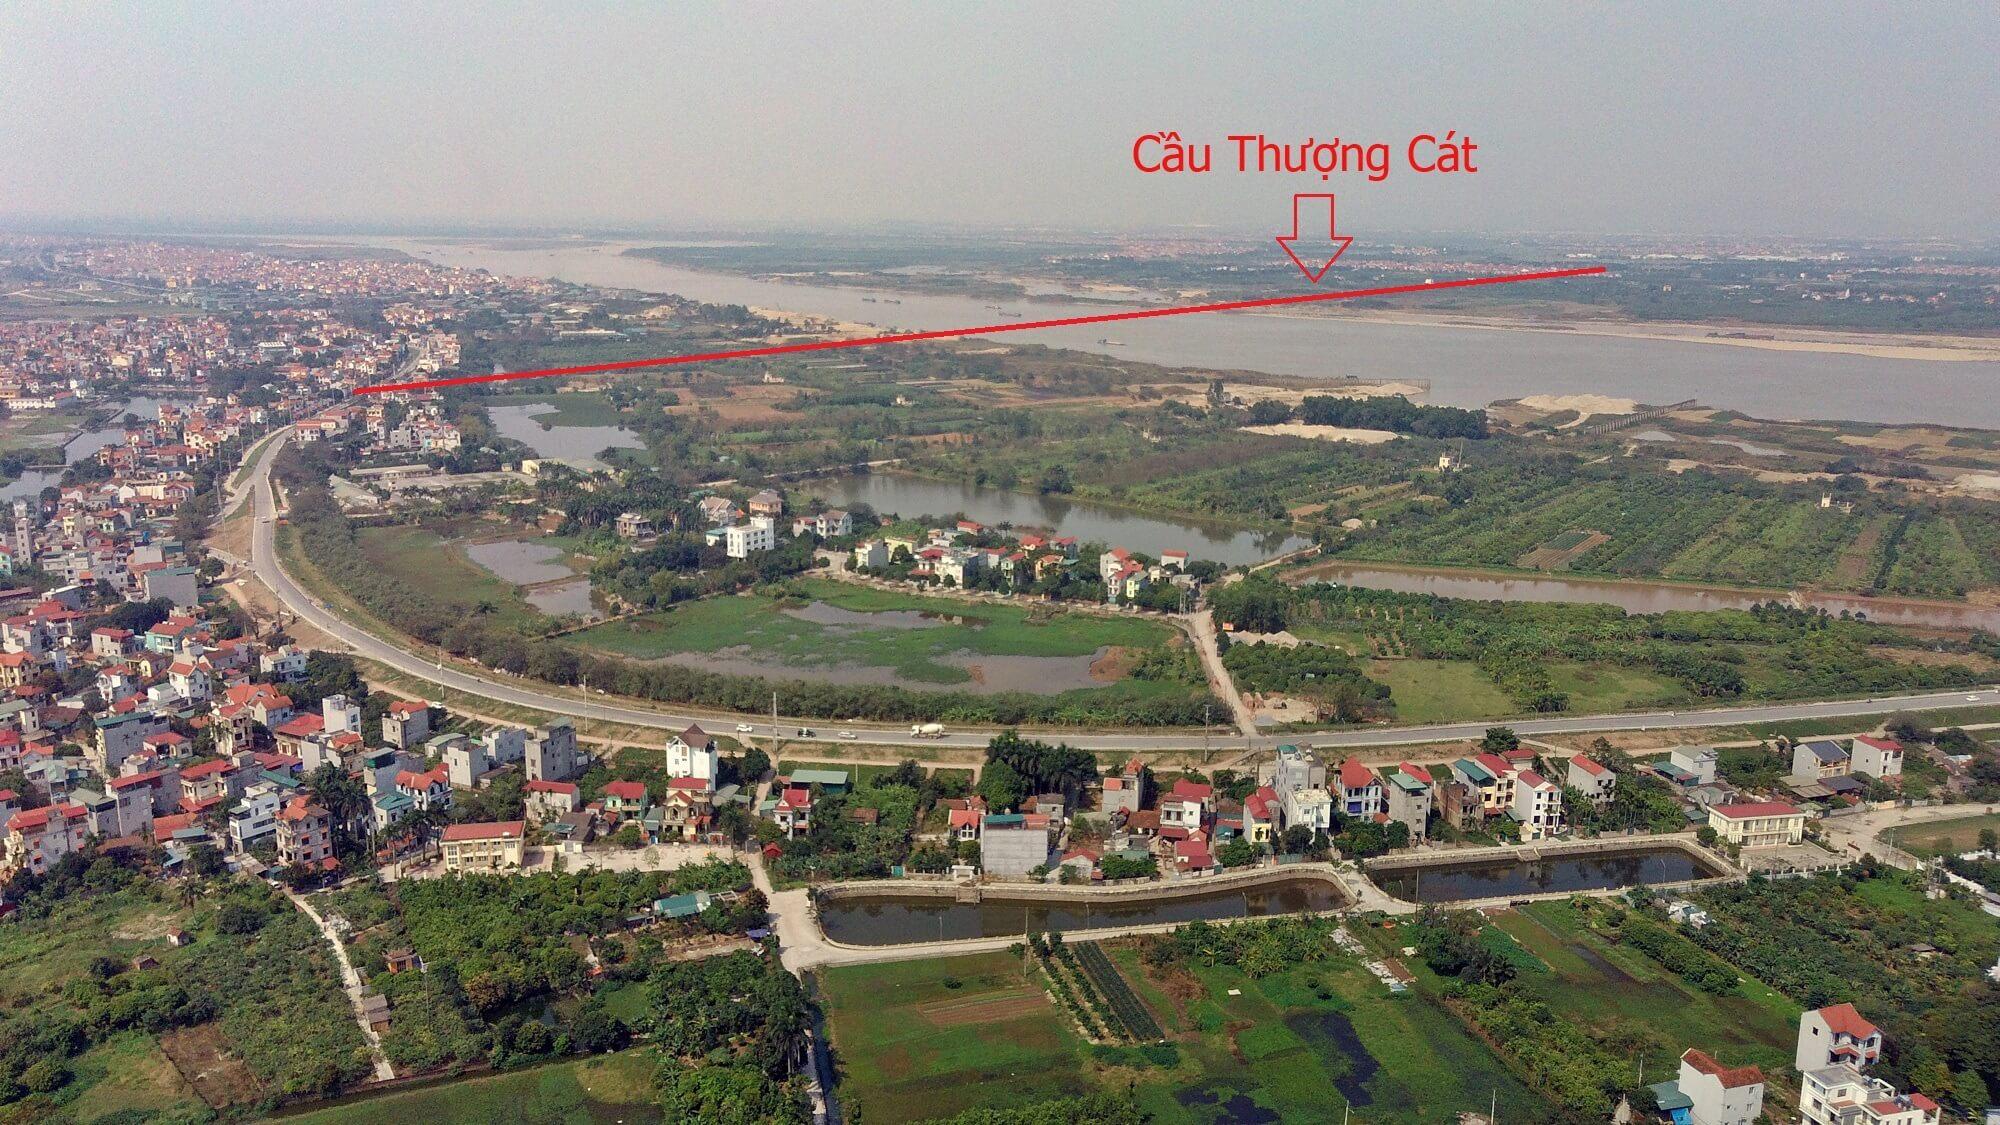 Đoạn từ đê Thượng Cát bắc qua sông Hồng.